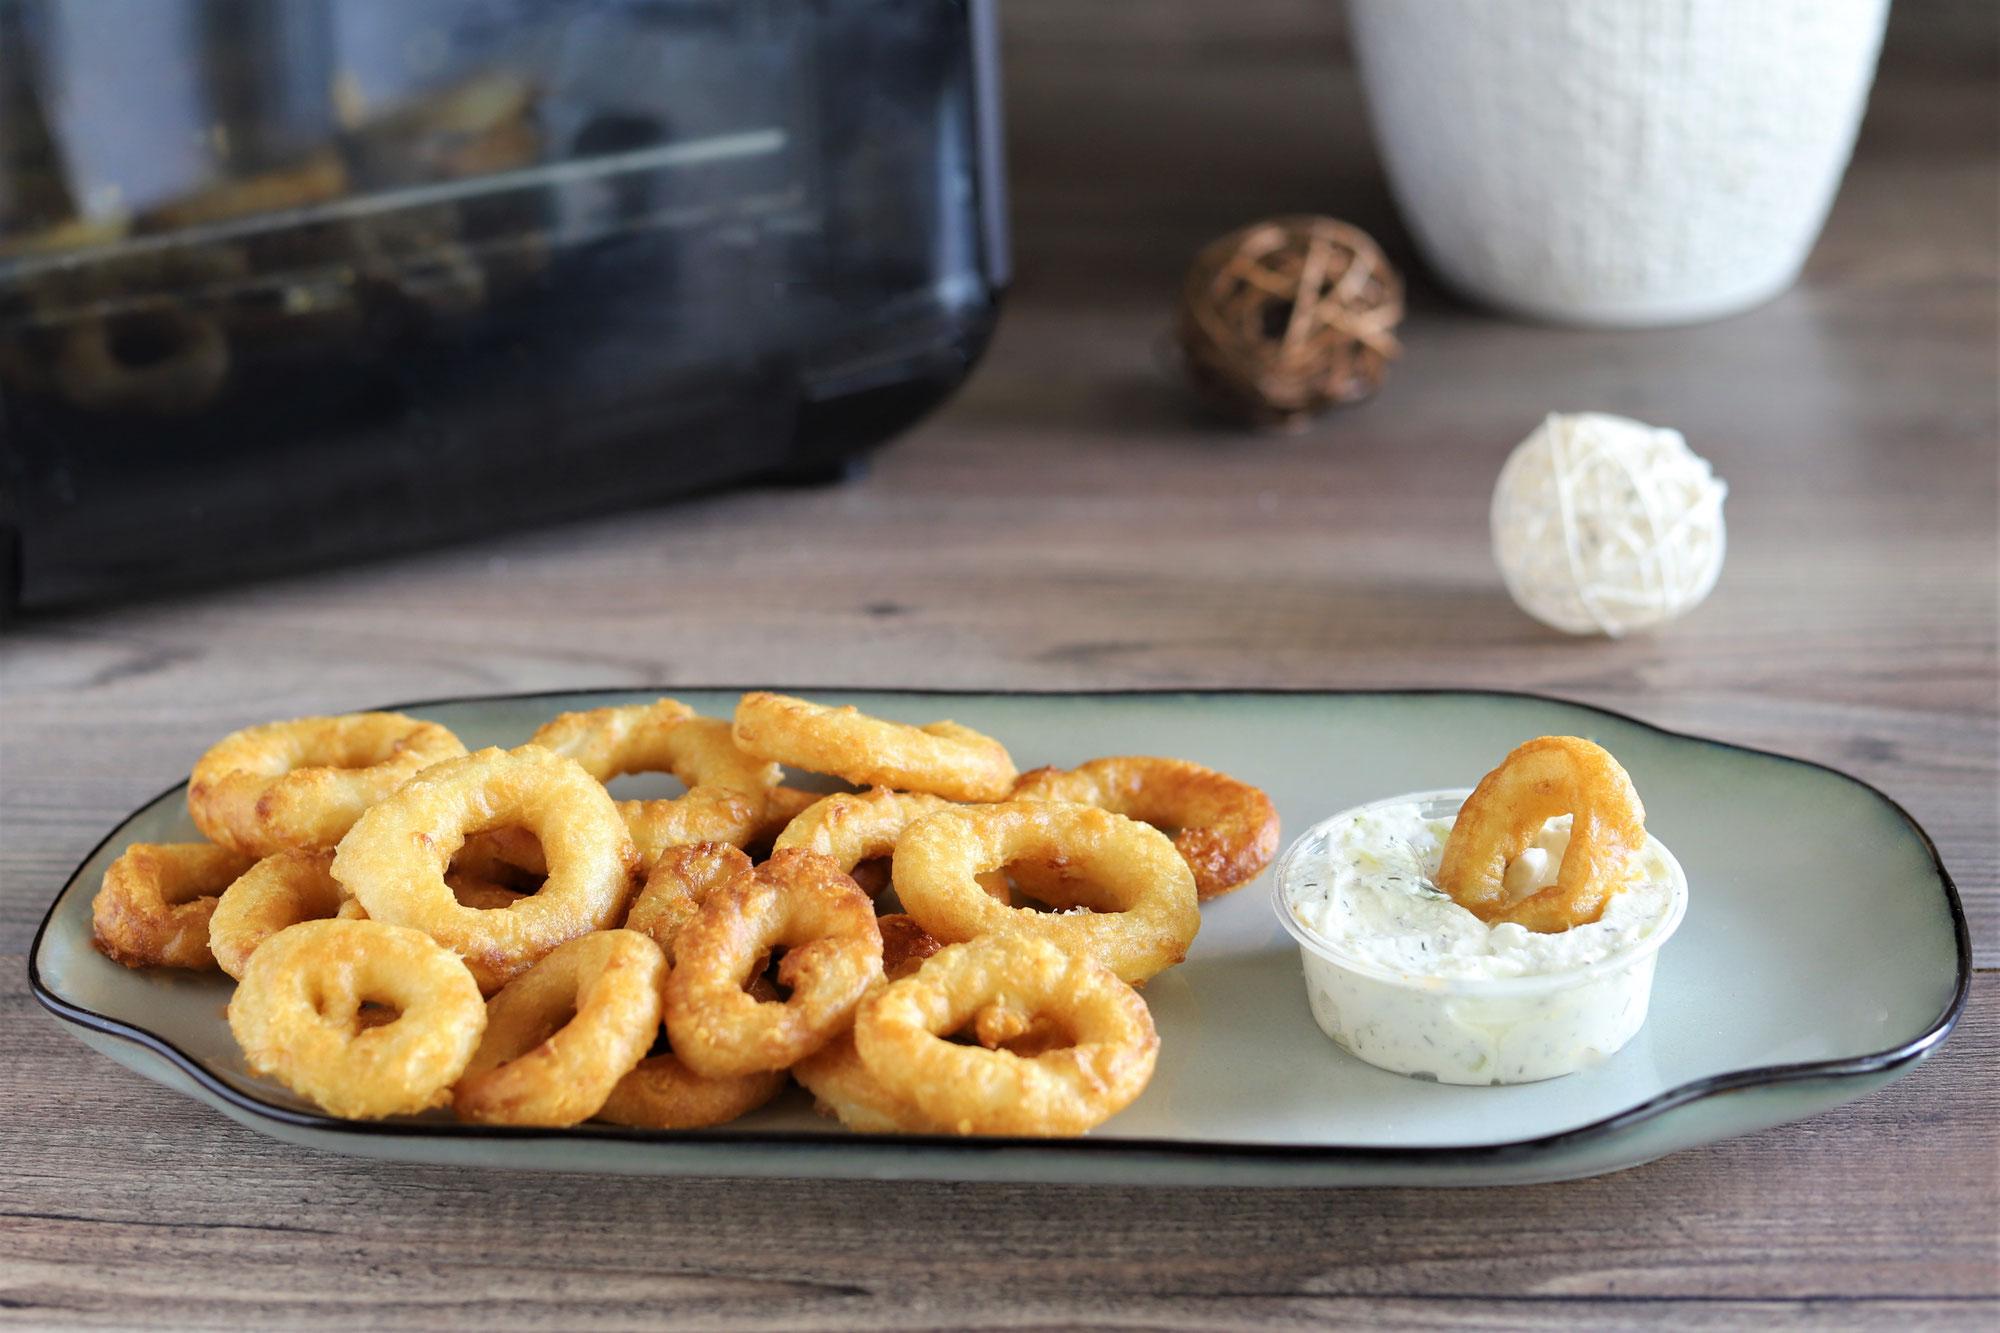 Calamari im Deluxe Air Fryer von Pampered Chef®